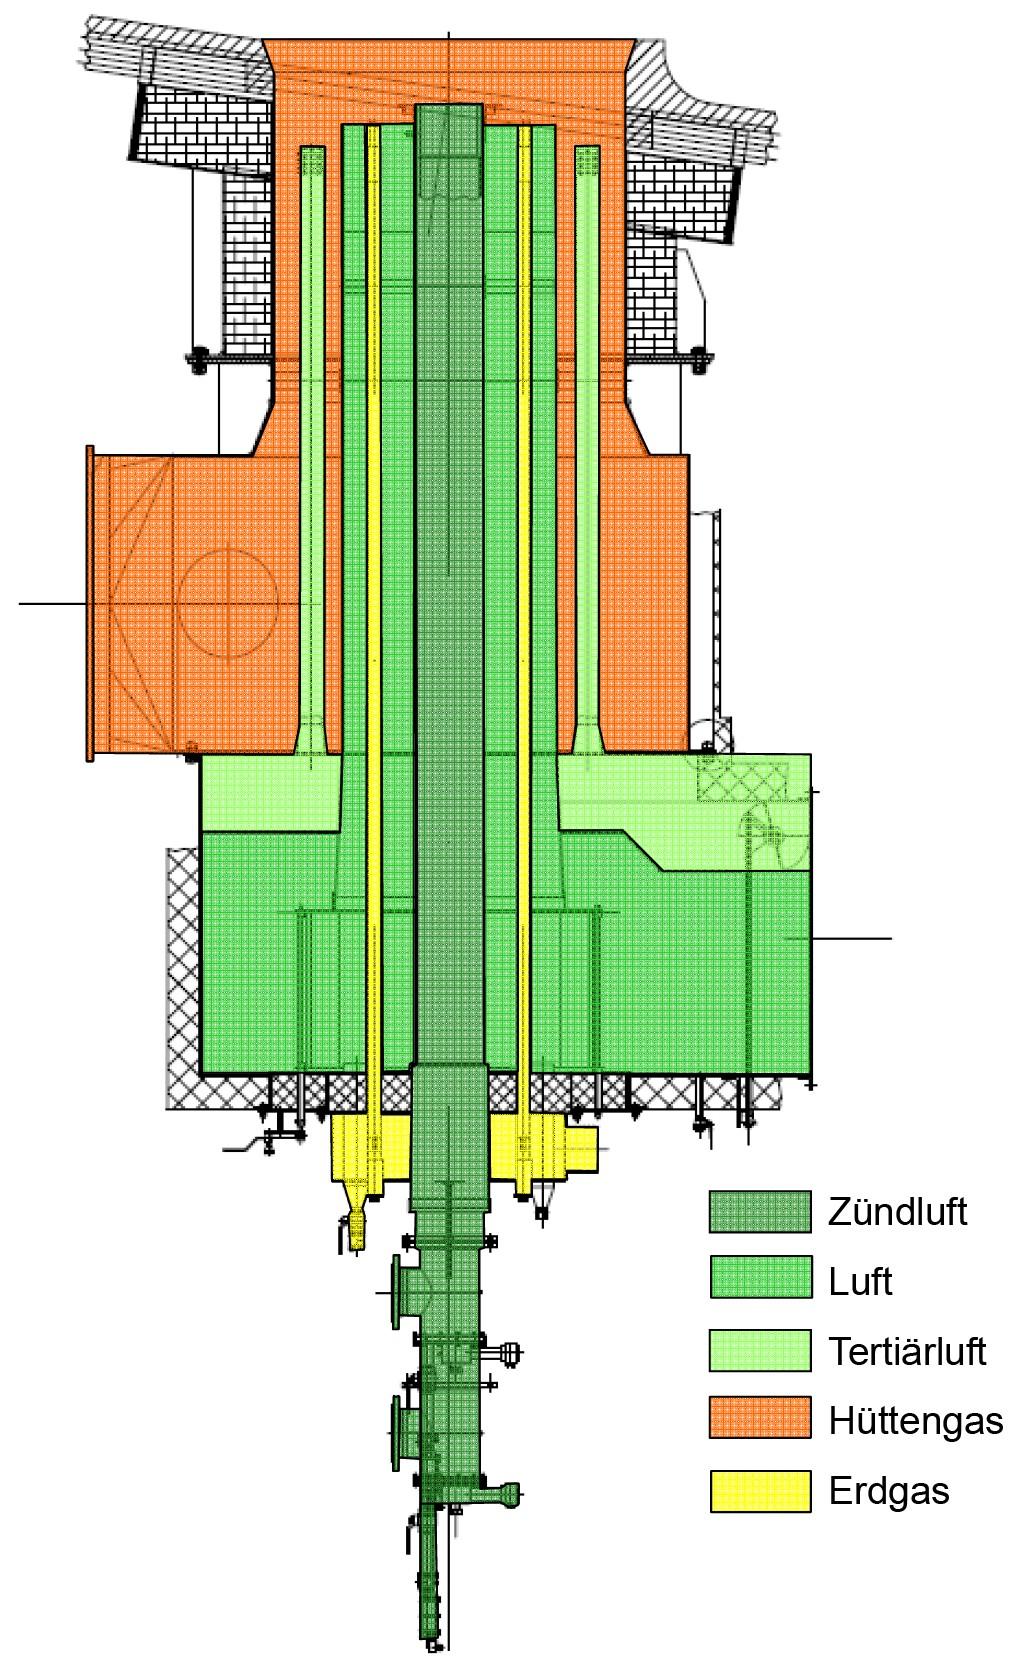 Bild 2 Hüttengasbrenner. Bild: eigene Darstellung